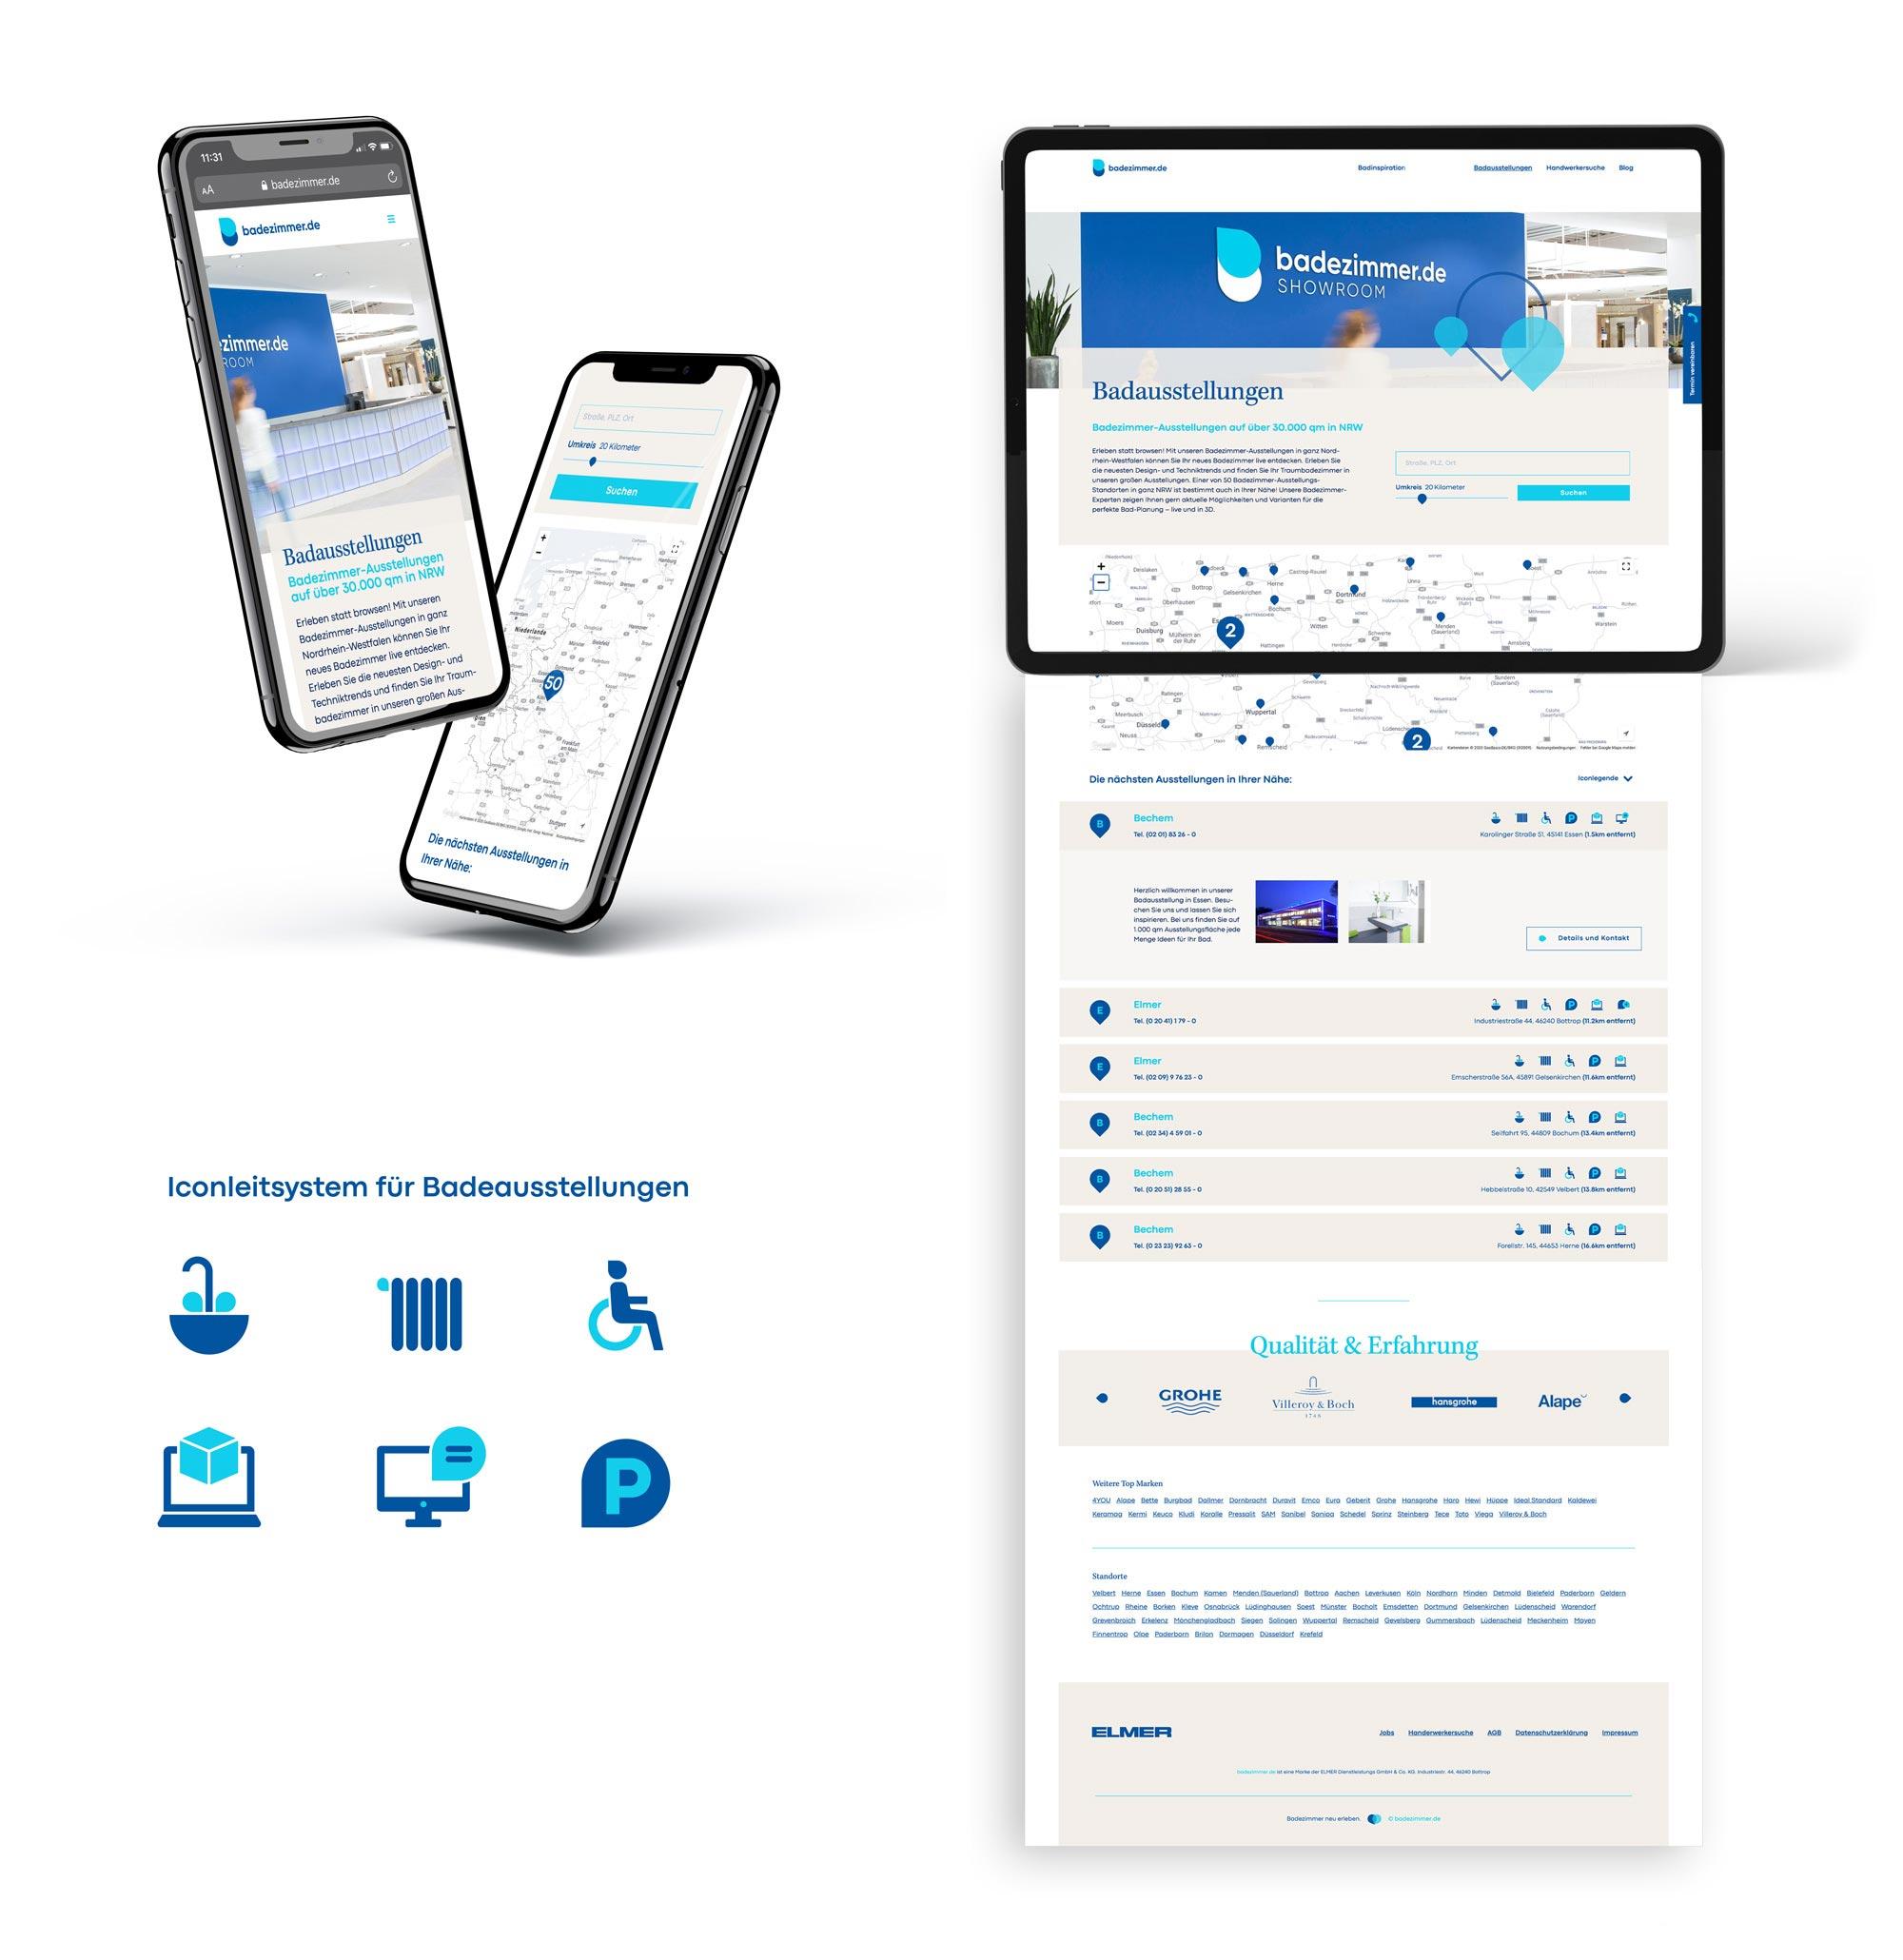 Passende Icons führen zu einer einfachen Nutzerführung.